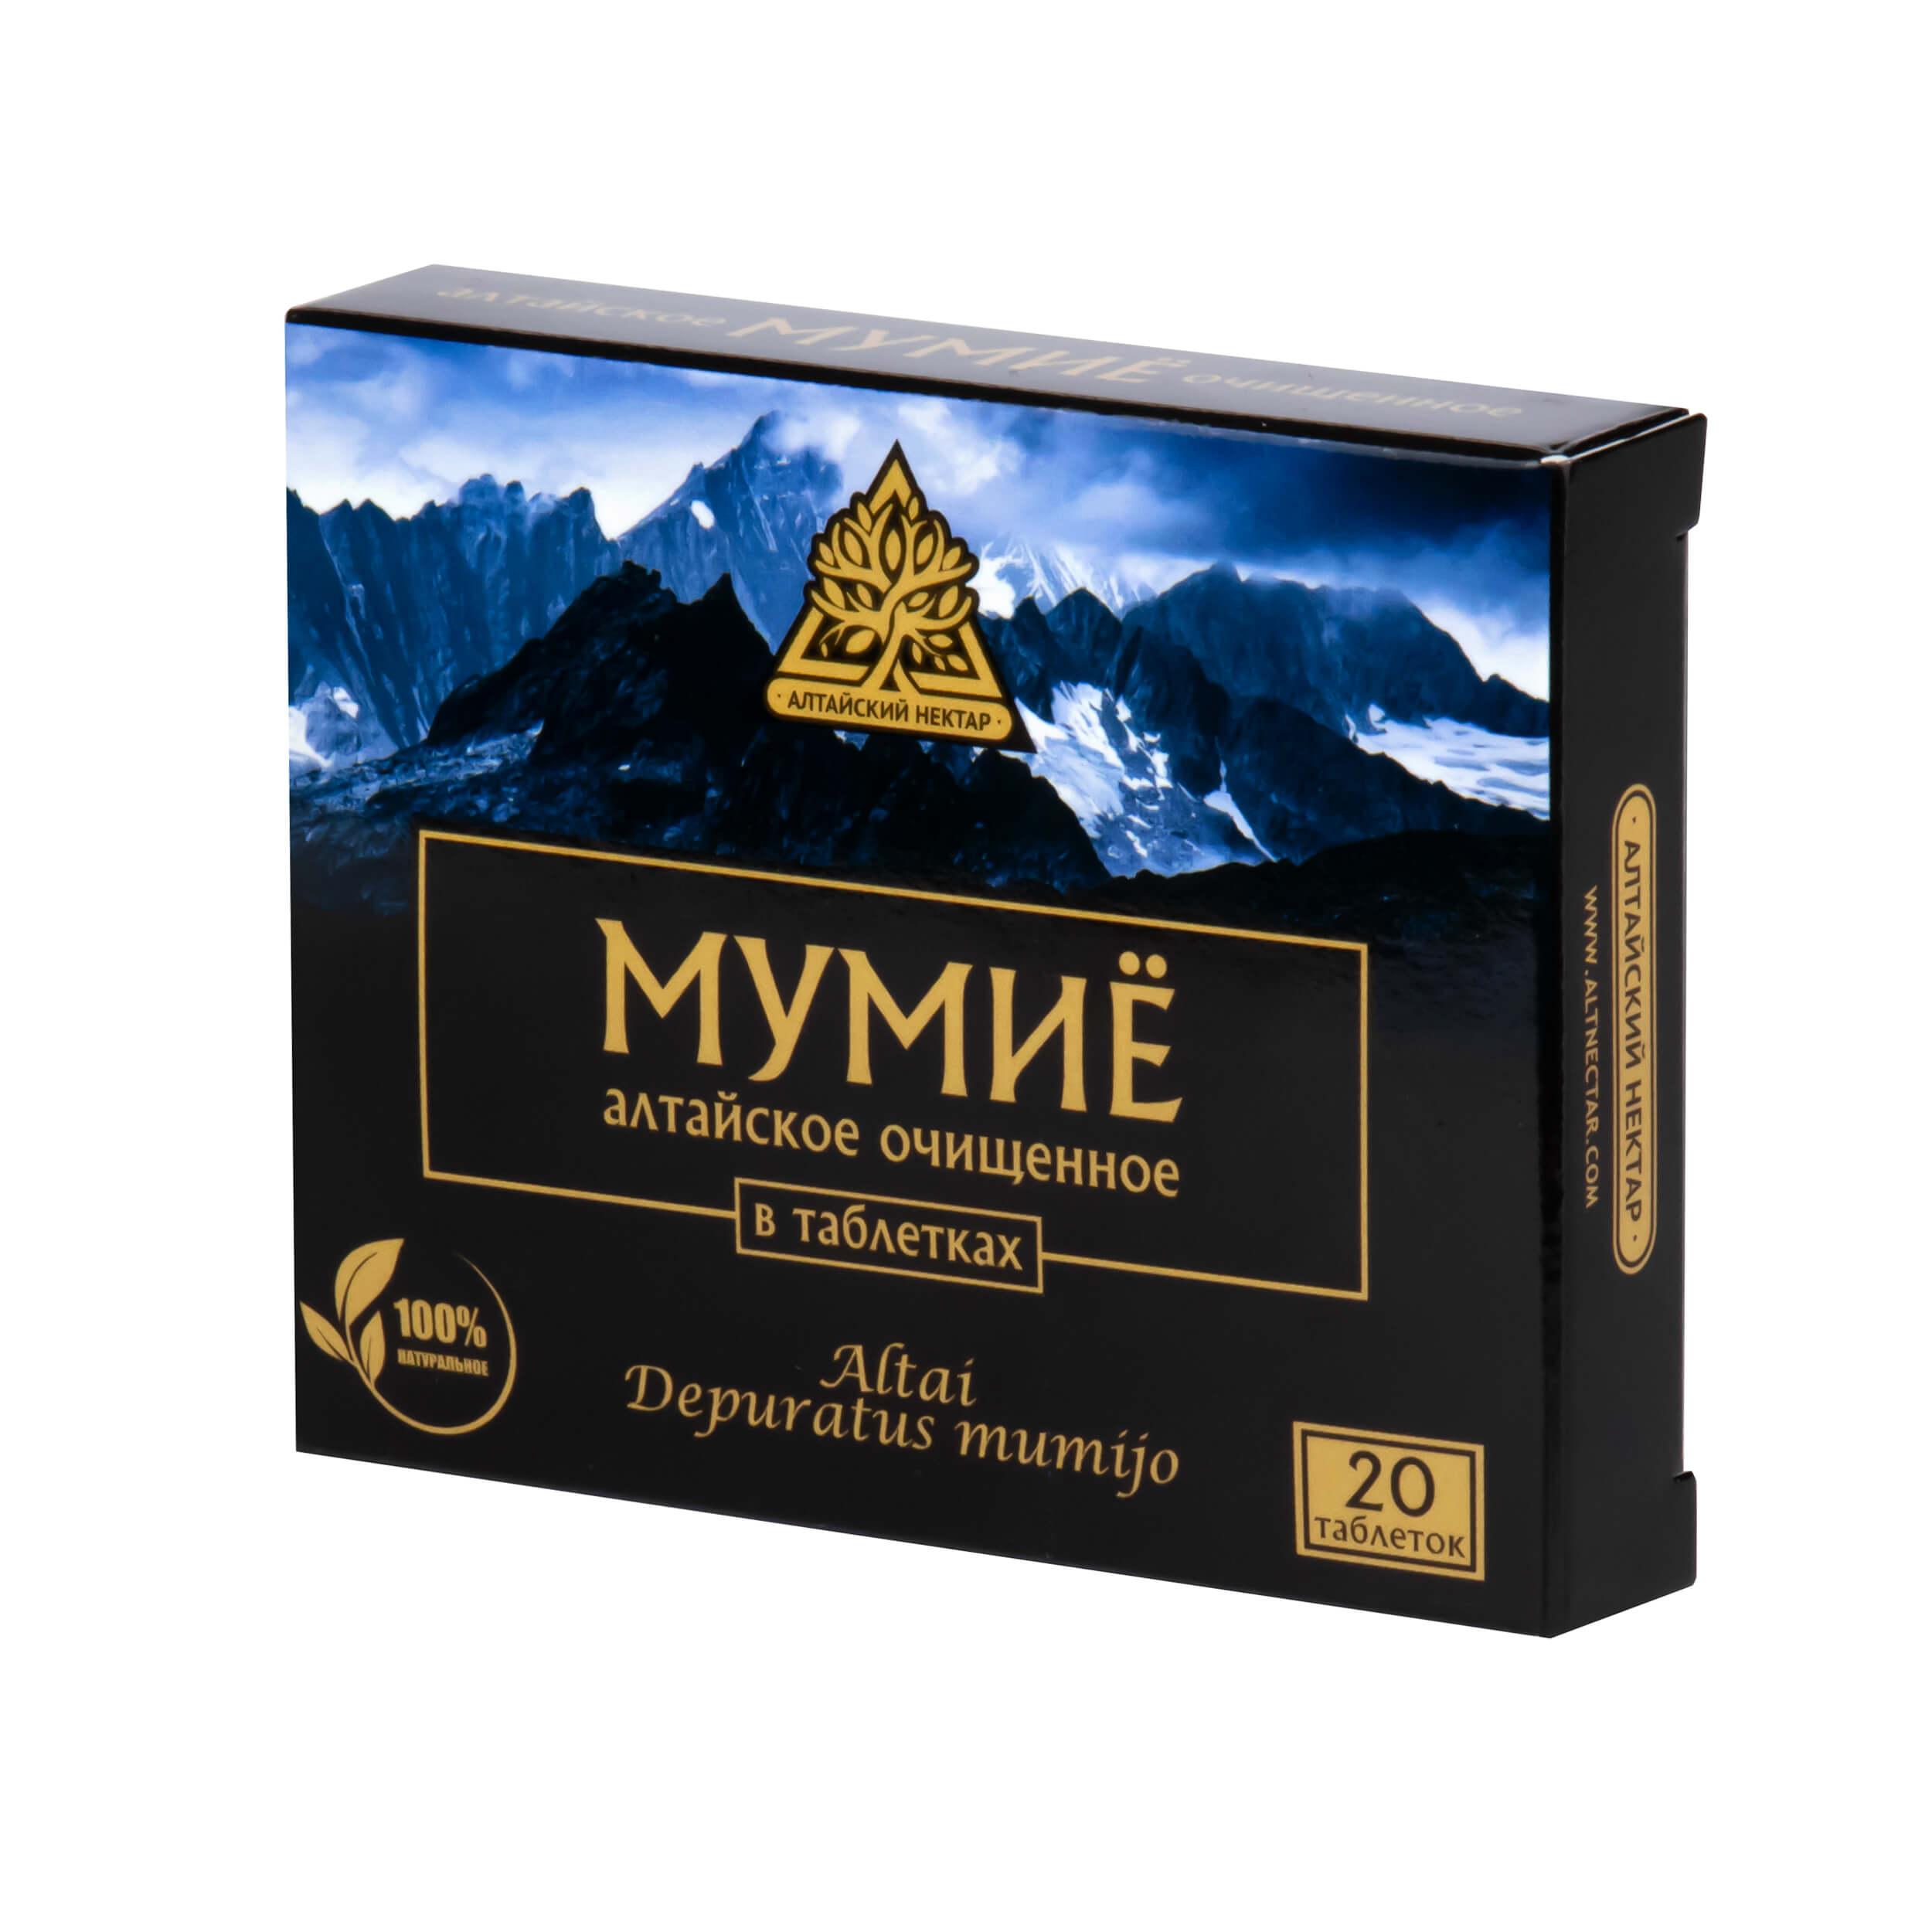 Мумиё алтайское очищенное (20 таблеток) фото